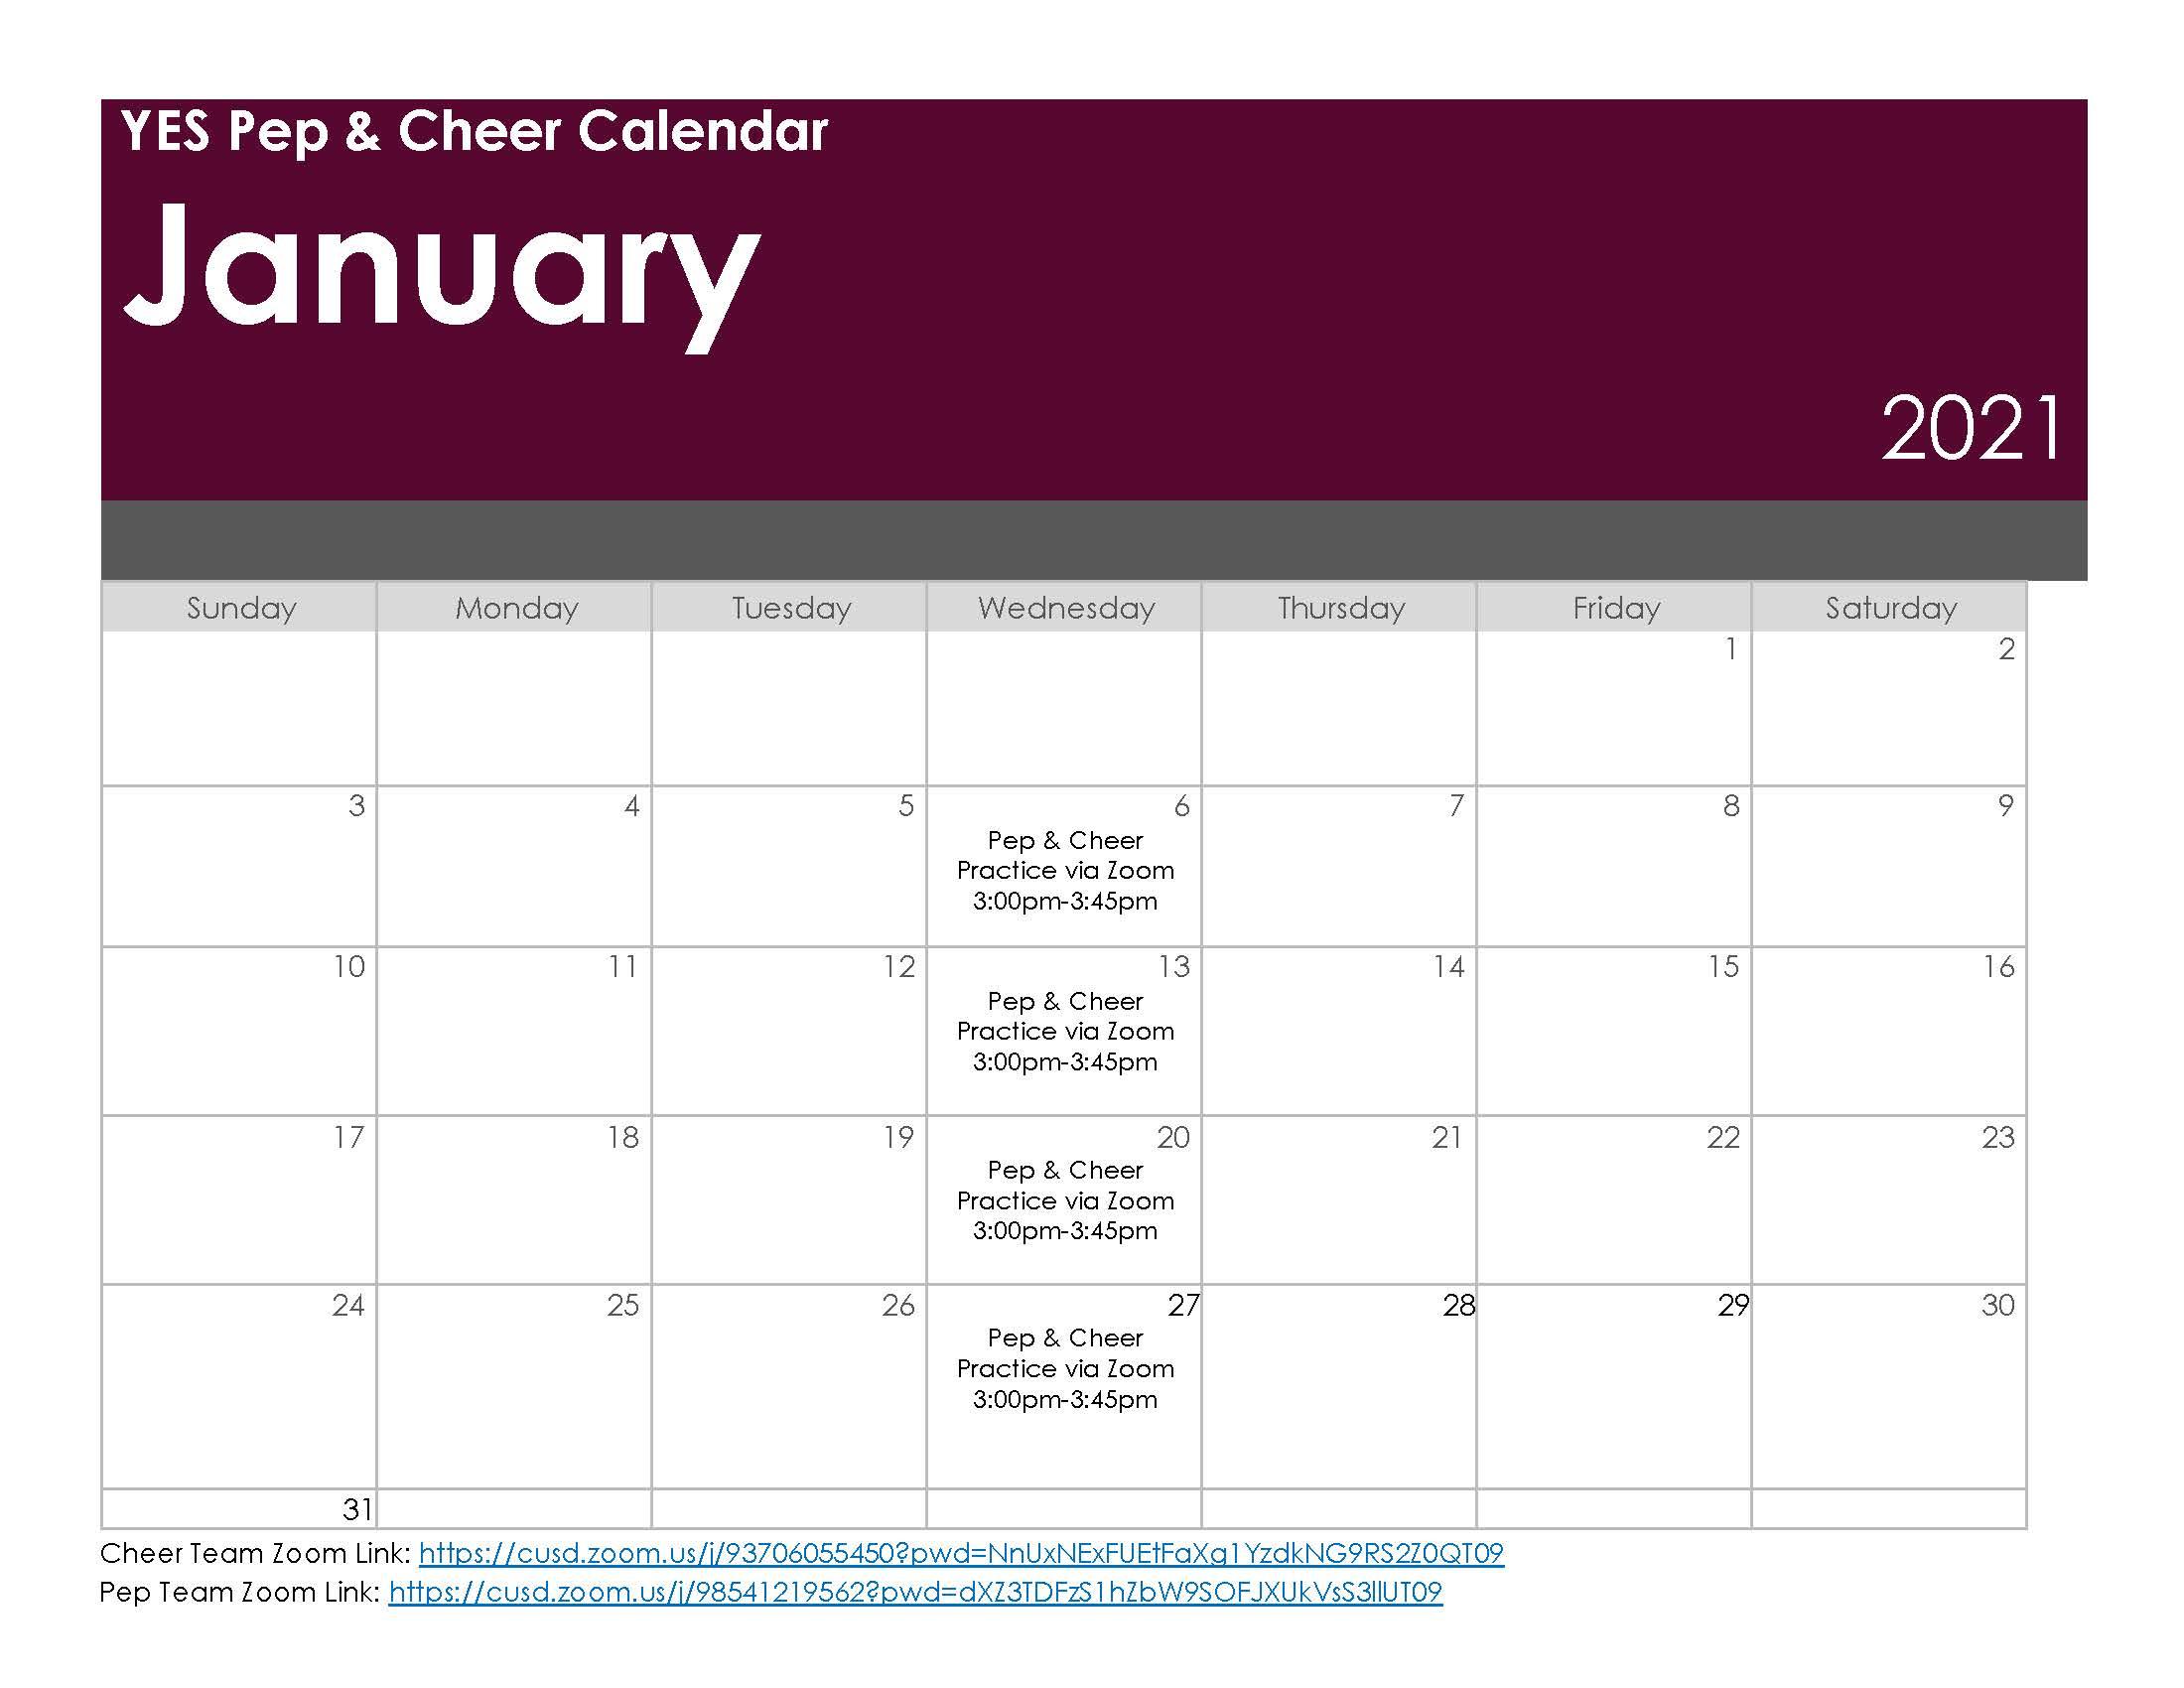 Pep & Cheer Practice Schedule - January 2021